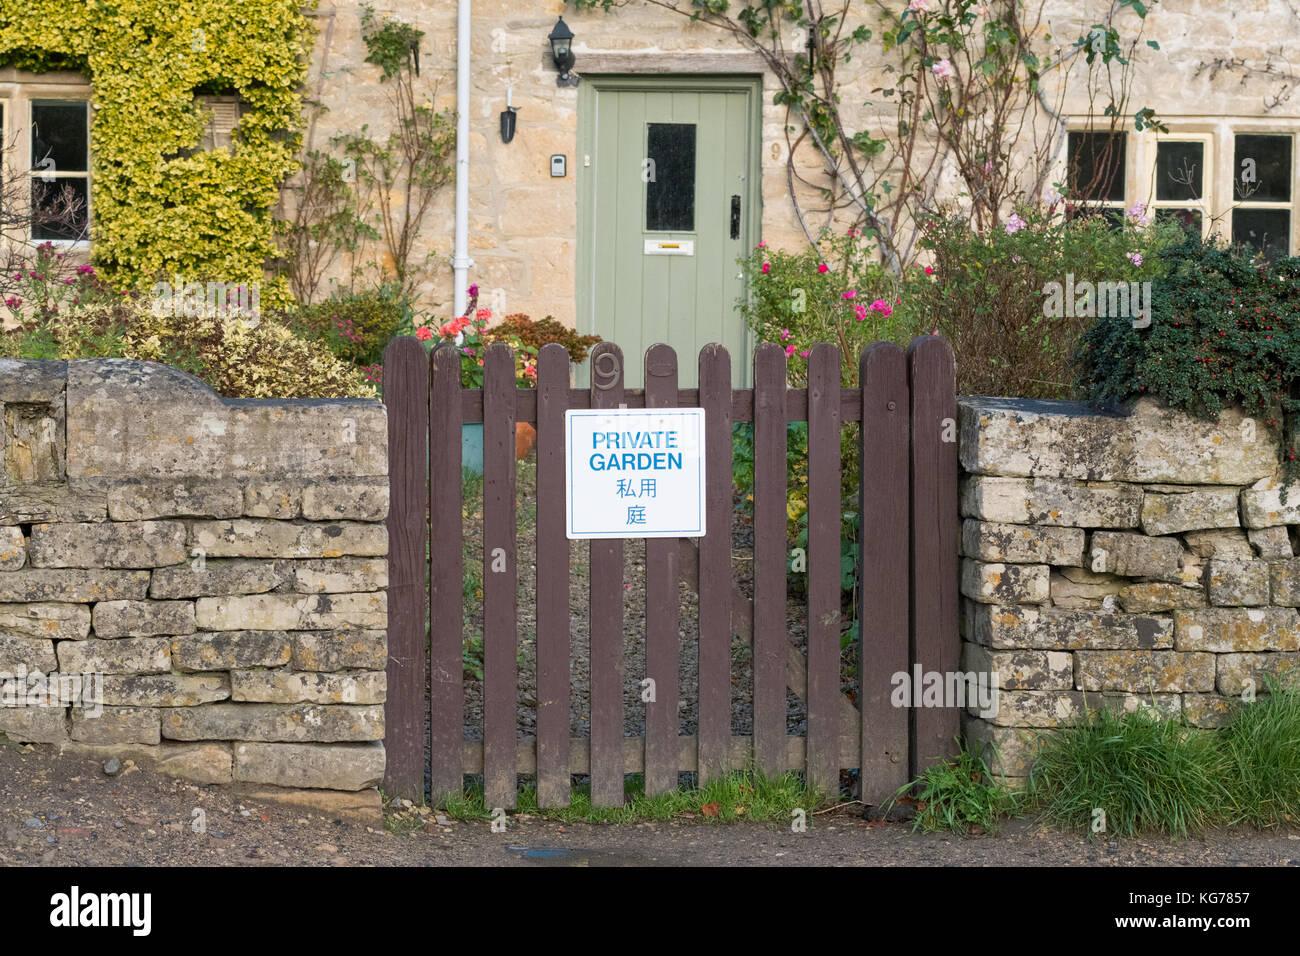 Bibury Tourismus - 'Garten' Schild am Gartentor in Englisch und Japanisch - bibury, Gloucestershire, England, Stockbild